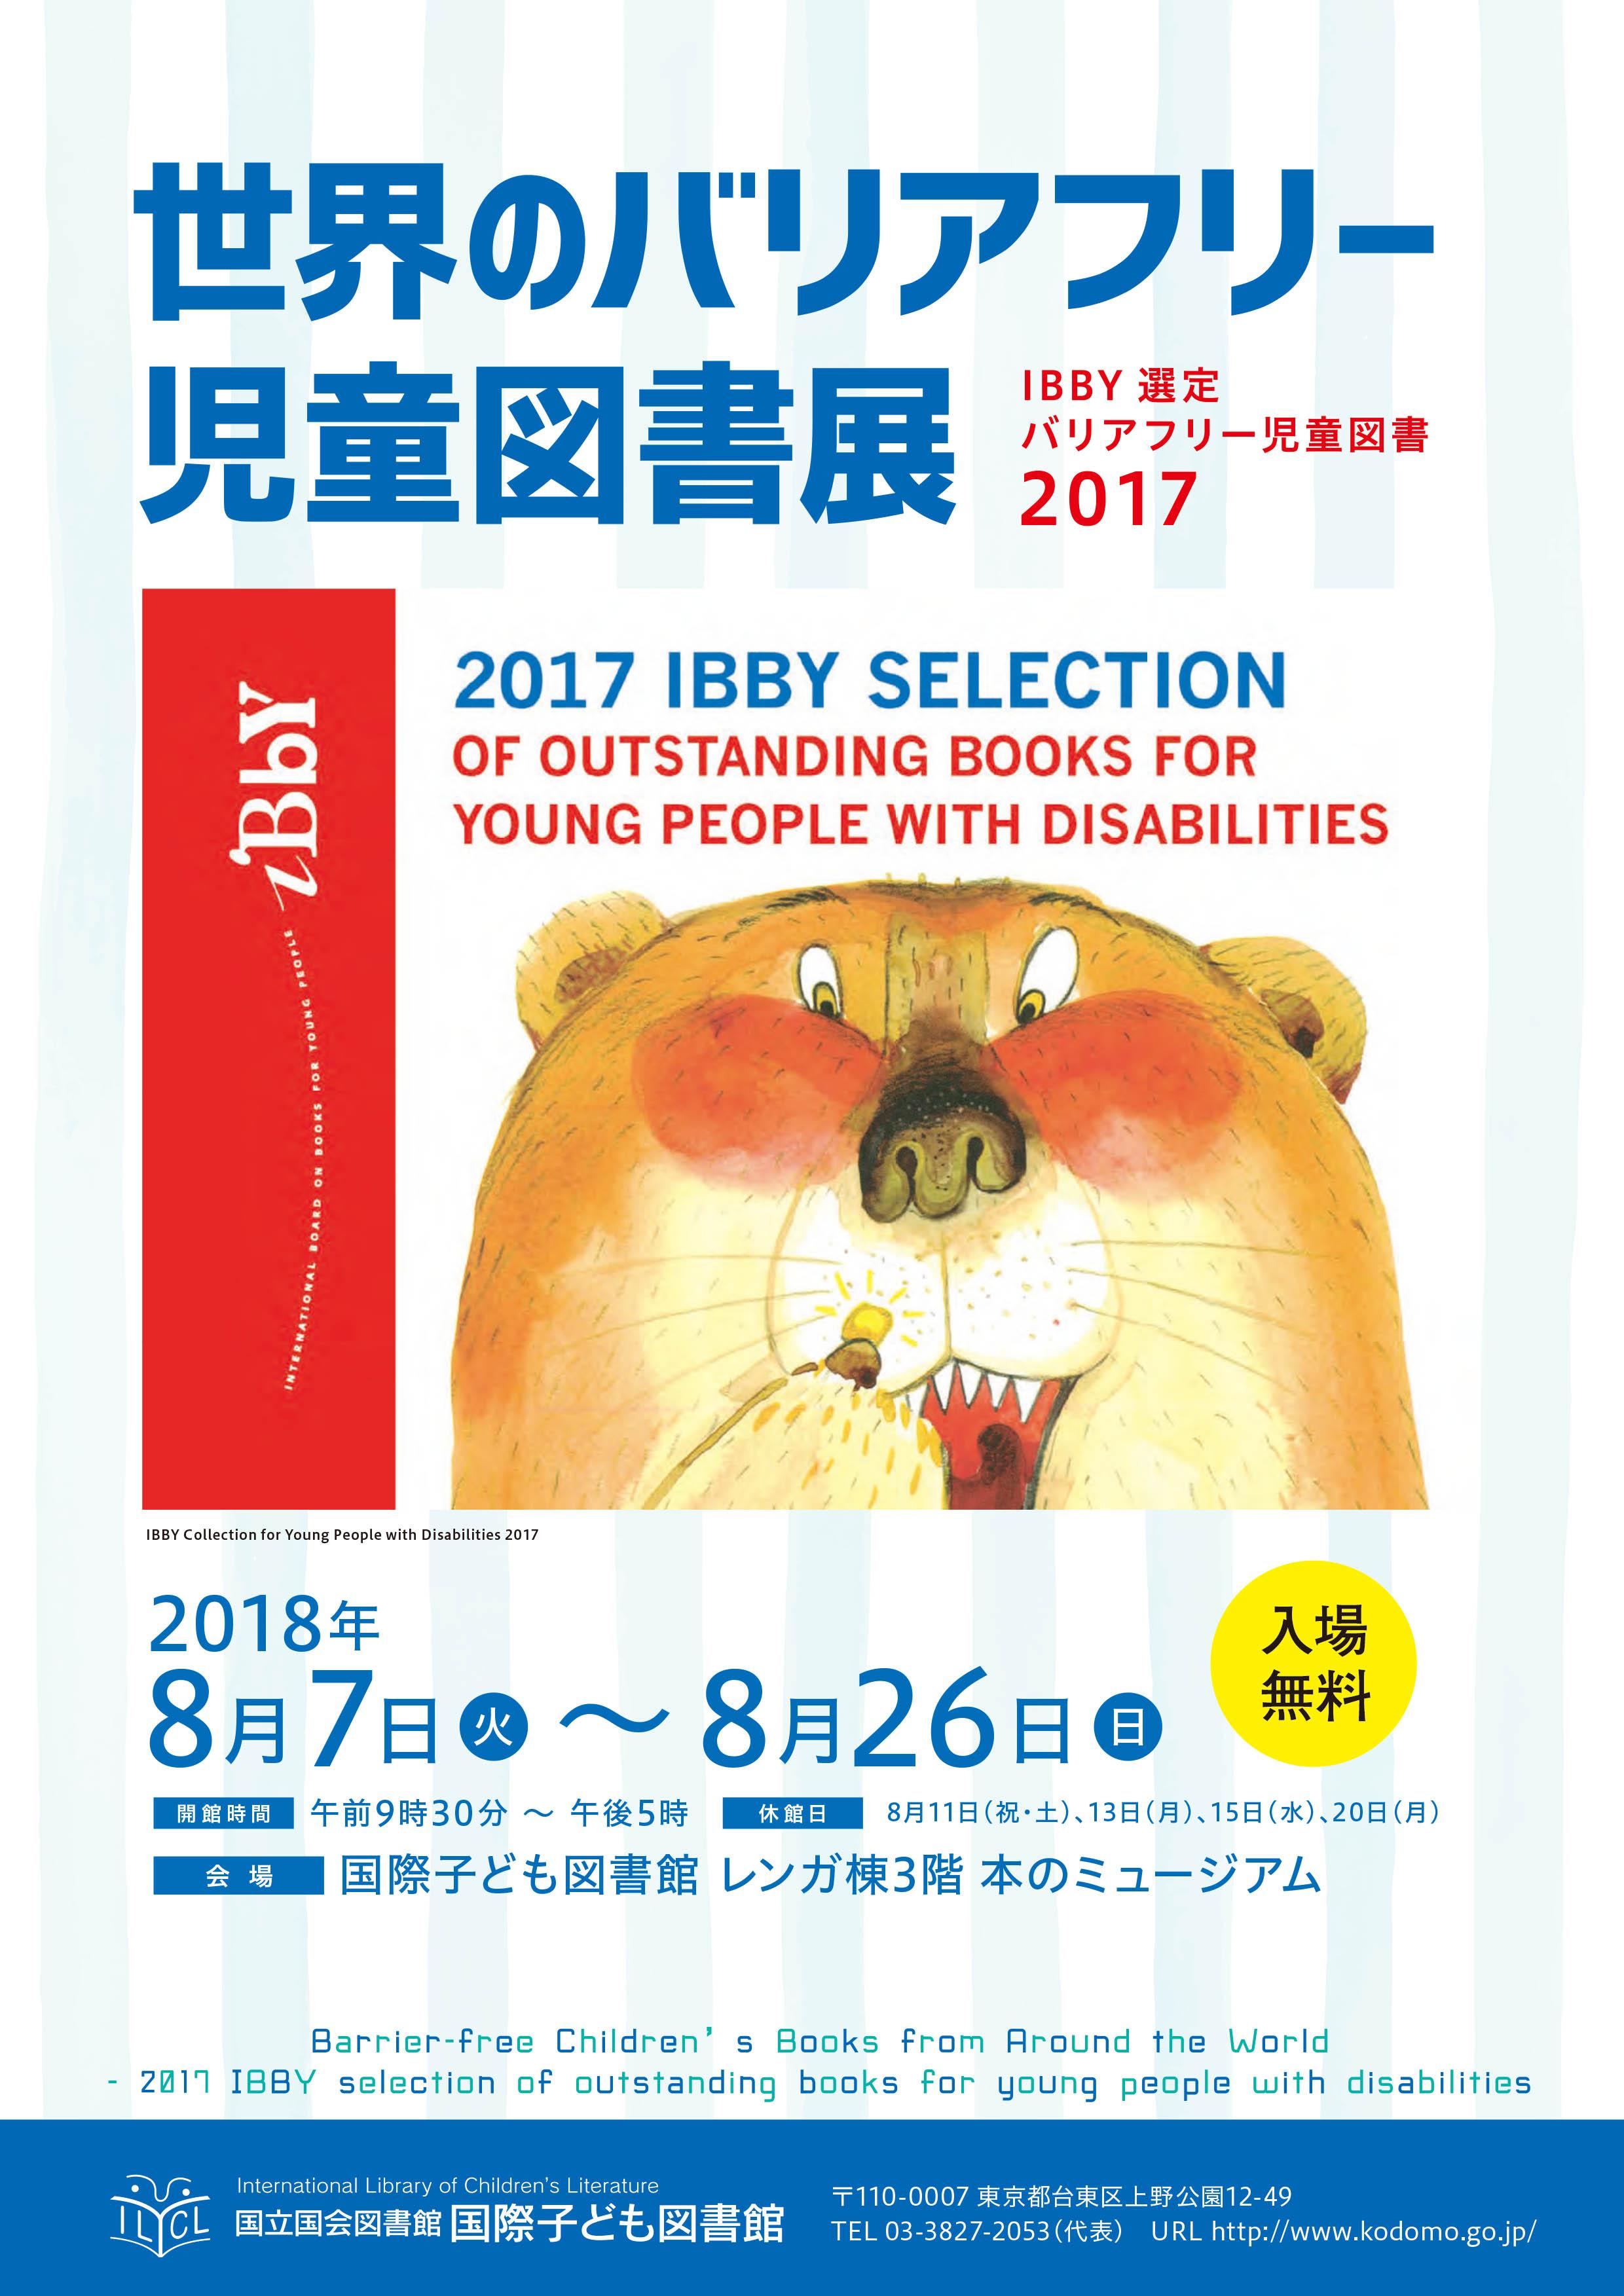 世界のバリアフリー児童図書展-IBBY選定バリアフリー児童図書2017